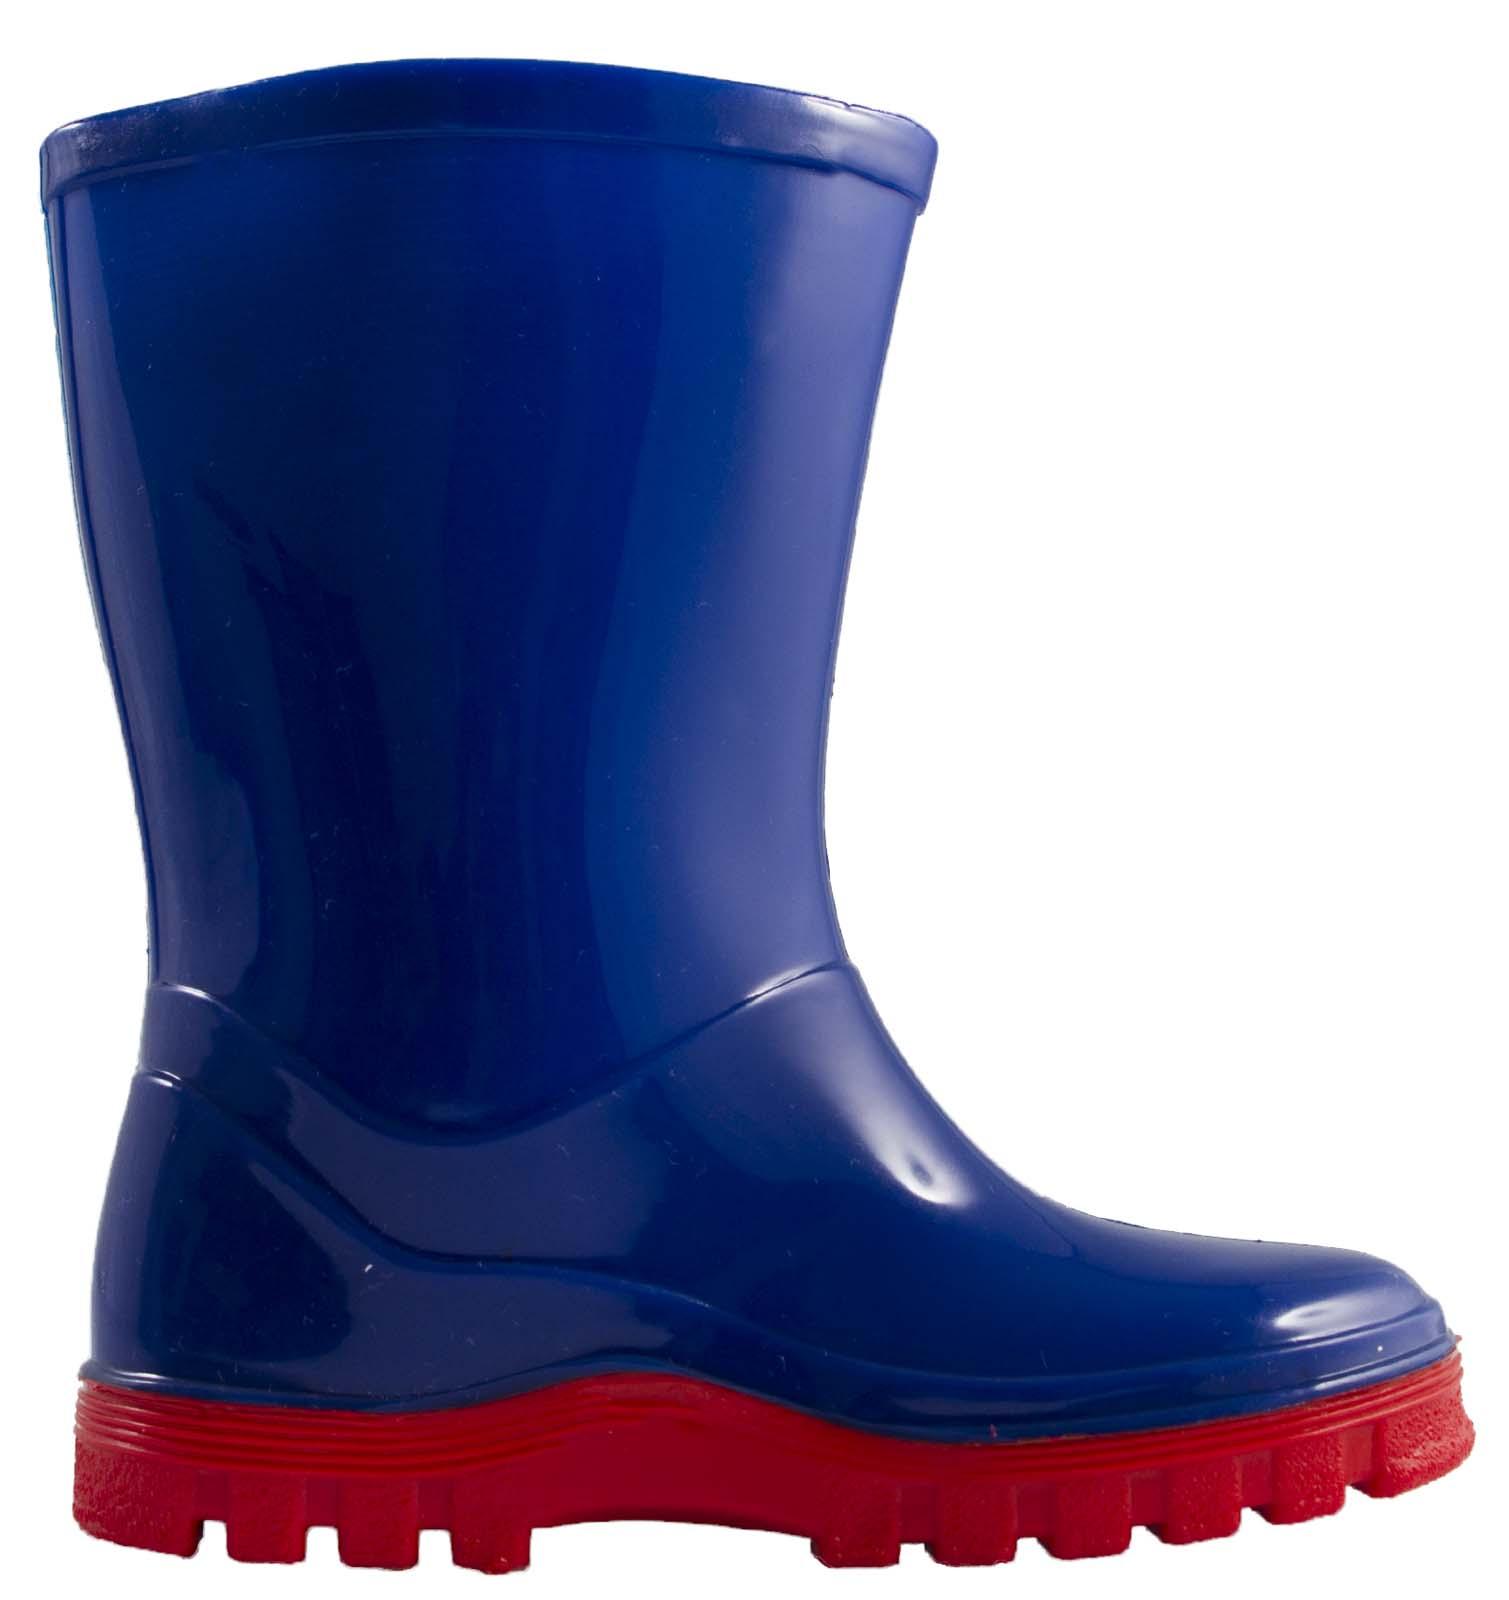 7edc77ec57 Details about Boys Paw Patrol Wellington Boots Blue Rain Wellies Mid Calf  Snow Boots Kids Size